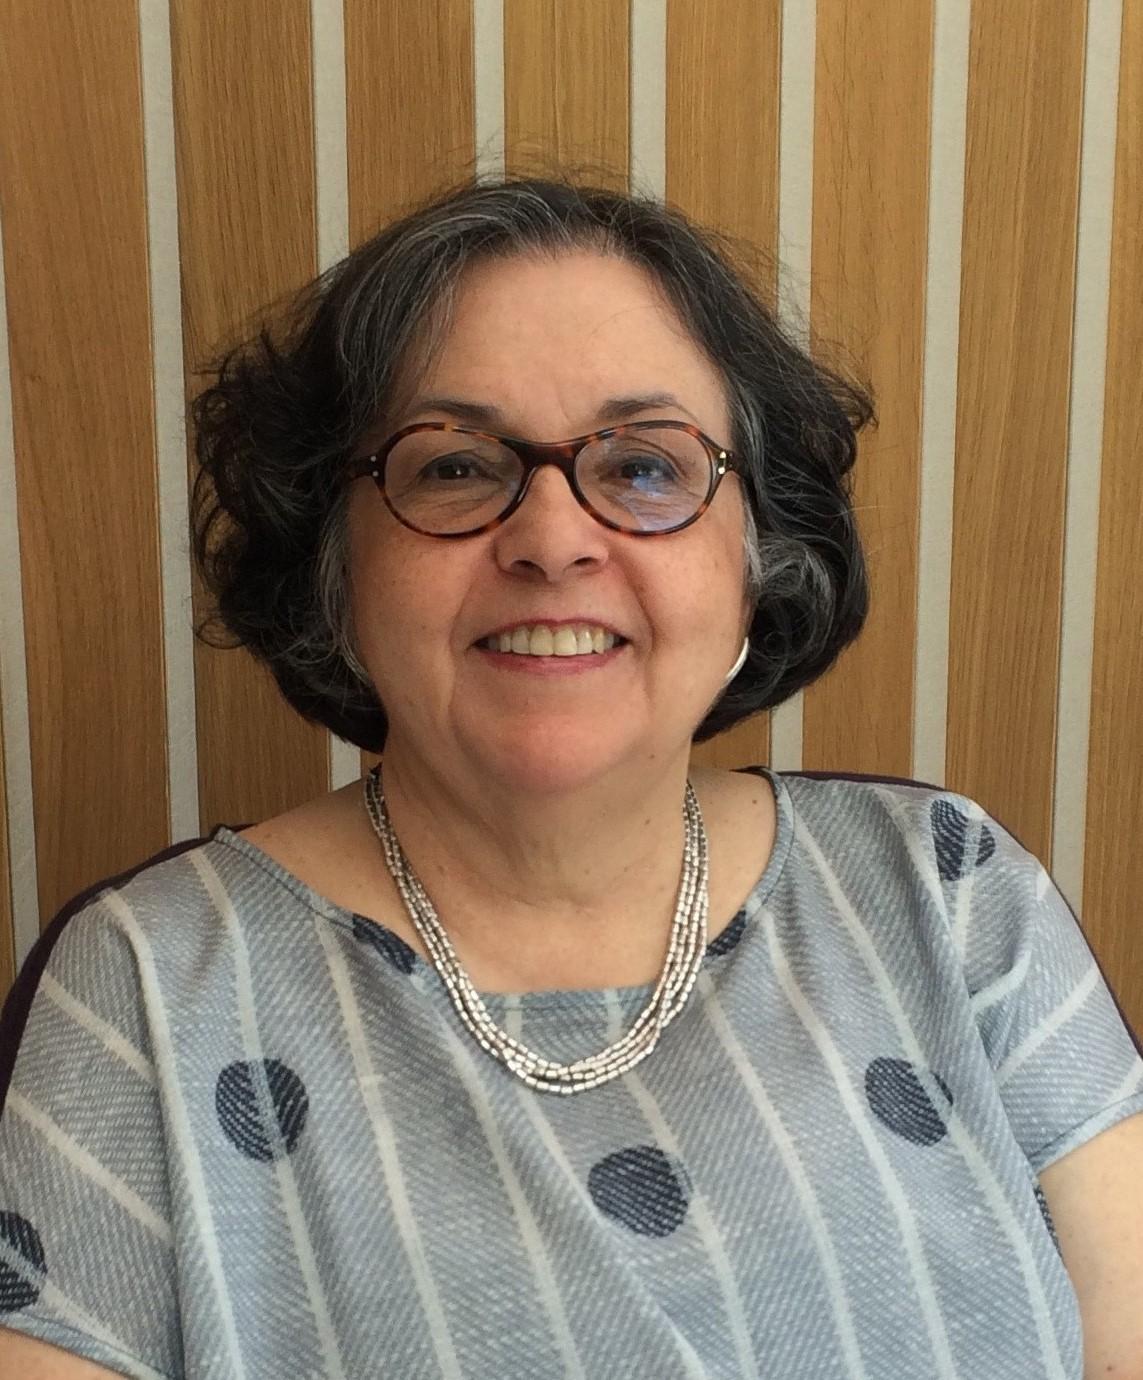 """""""Precisamos entender o que está por trás da ausência de meninas em STEM"""", afirma Alice Rangel de Paiva Abreu, professora emérita da UFRJ. (Foto: PPGSA-IFCS/UFRJ)"""